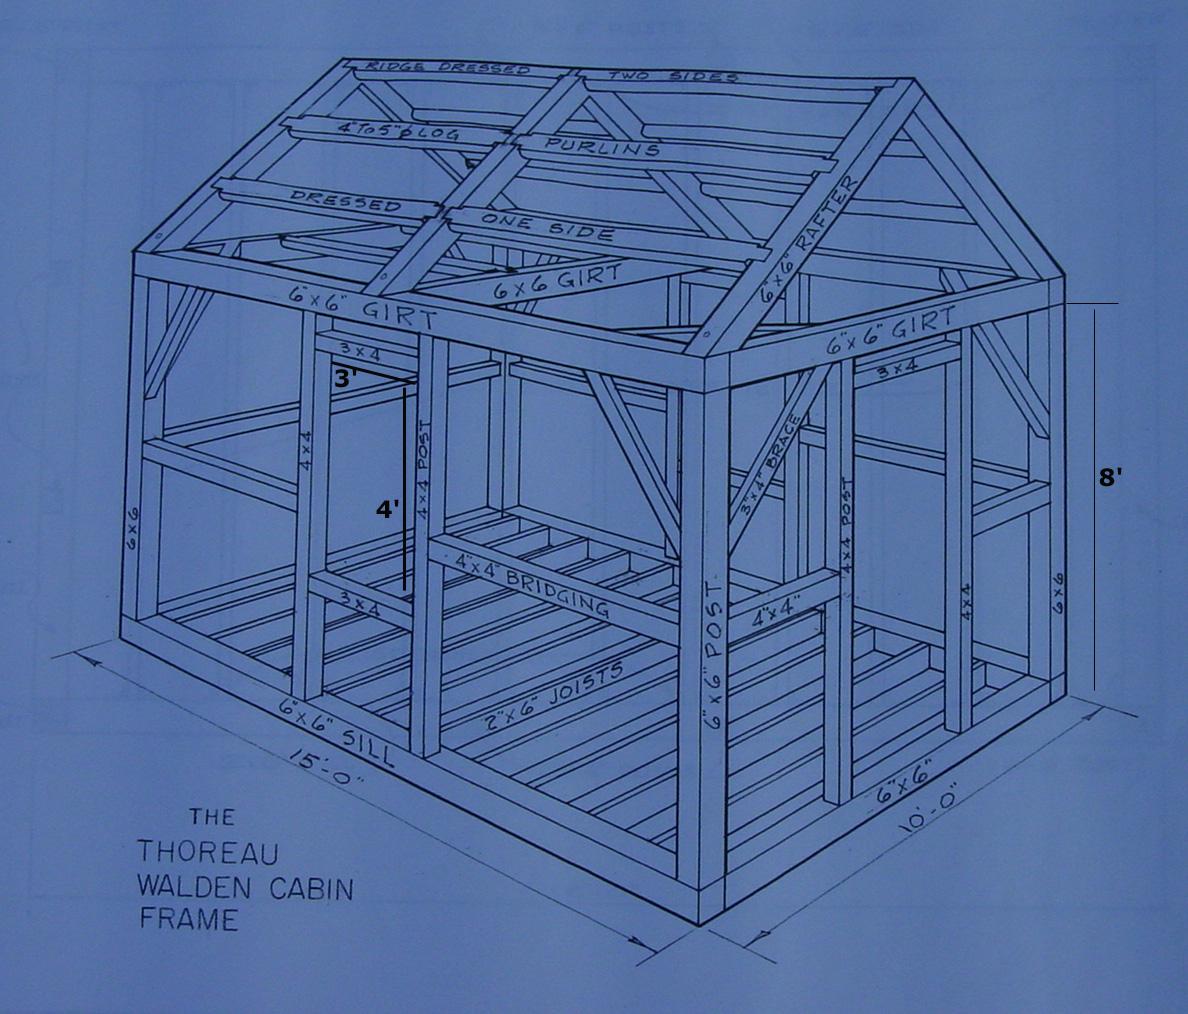 Esquema para construir una cabaña como la de Thoreau